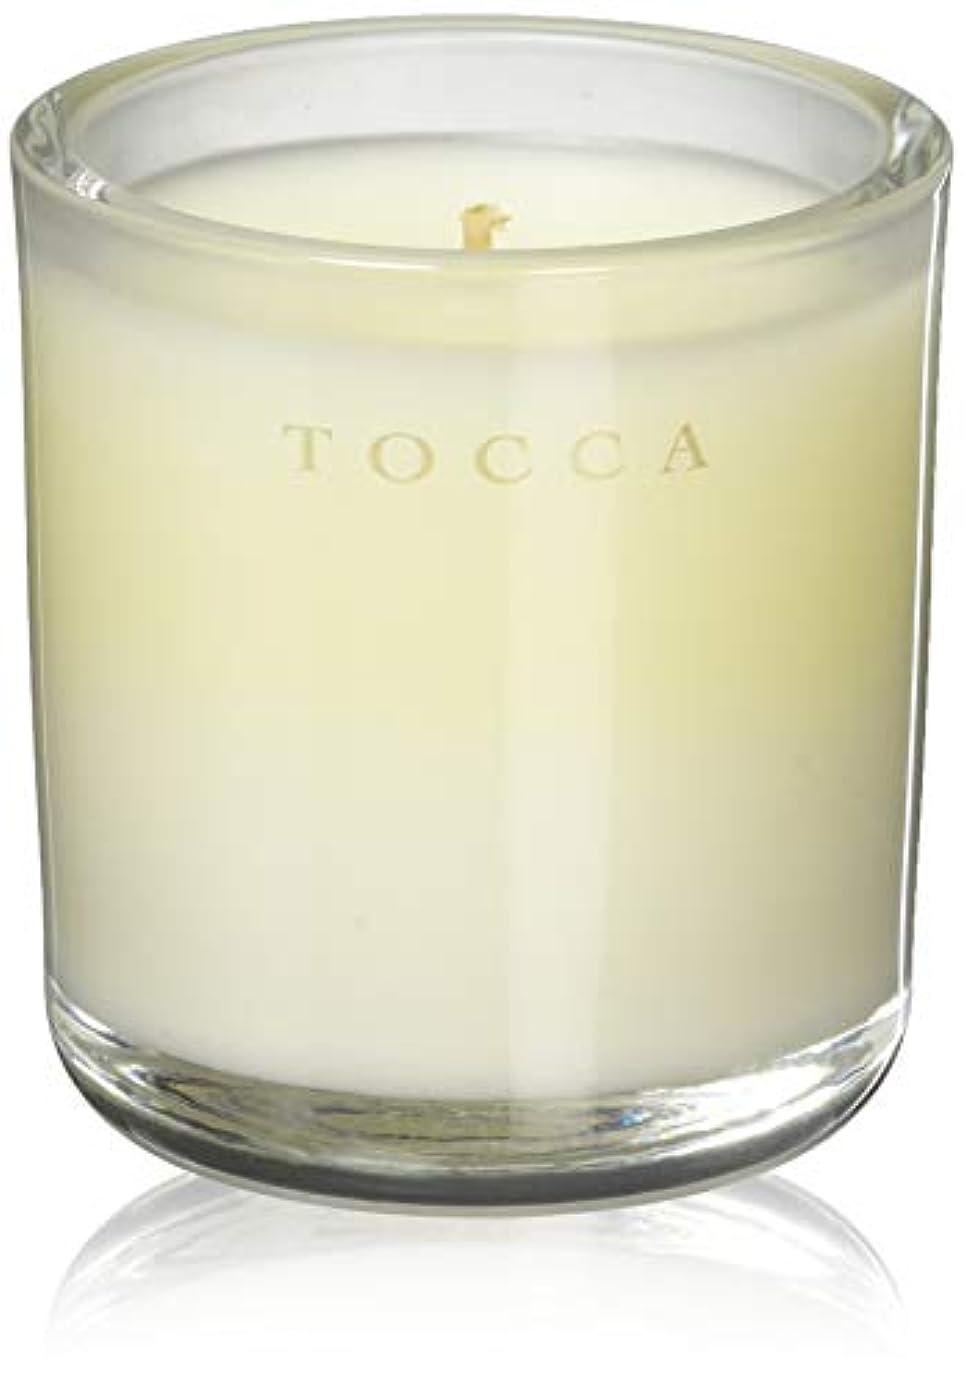 スローパケット線TOCCA(トッカ) ボヤージュ キャンデリーナ マラケシュ 85g (ろうそく 芳香 パチュリとアンバーのスパイシーな香り)